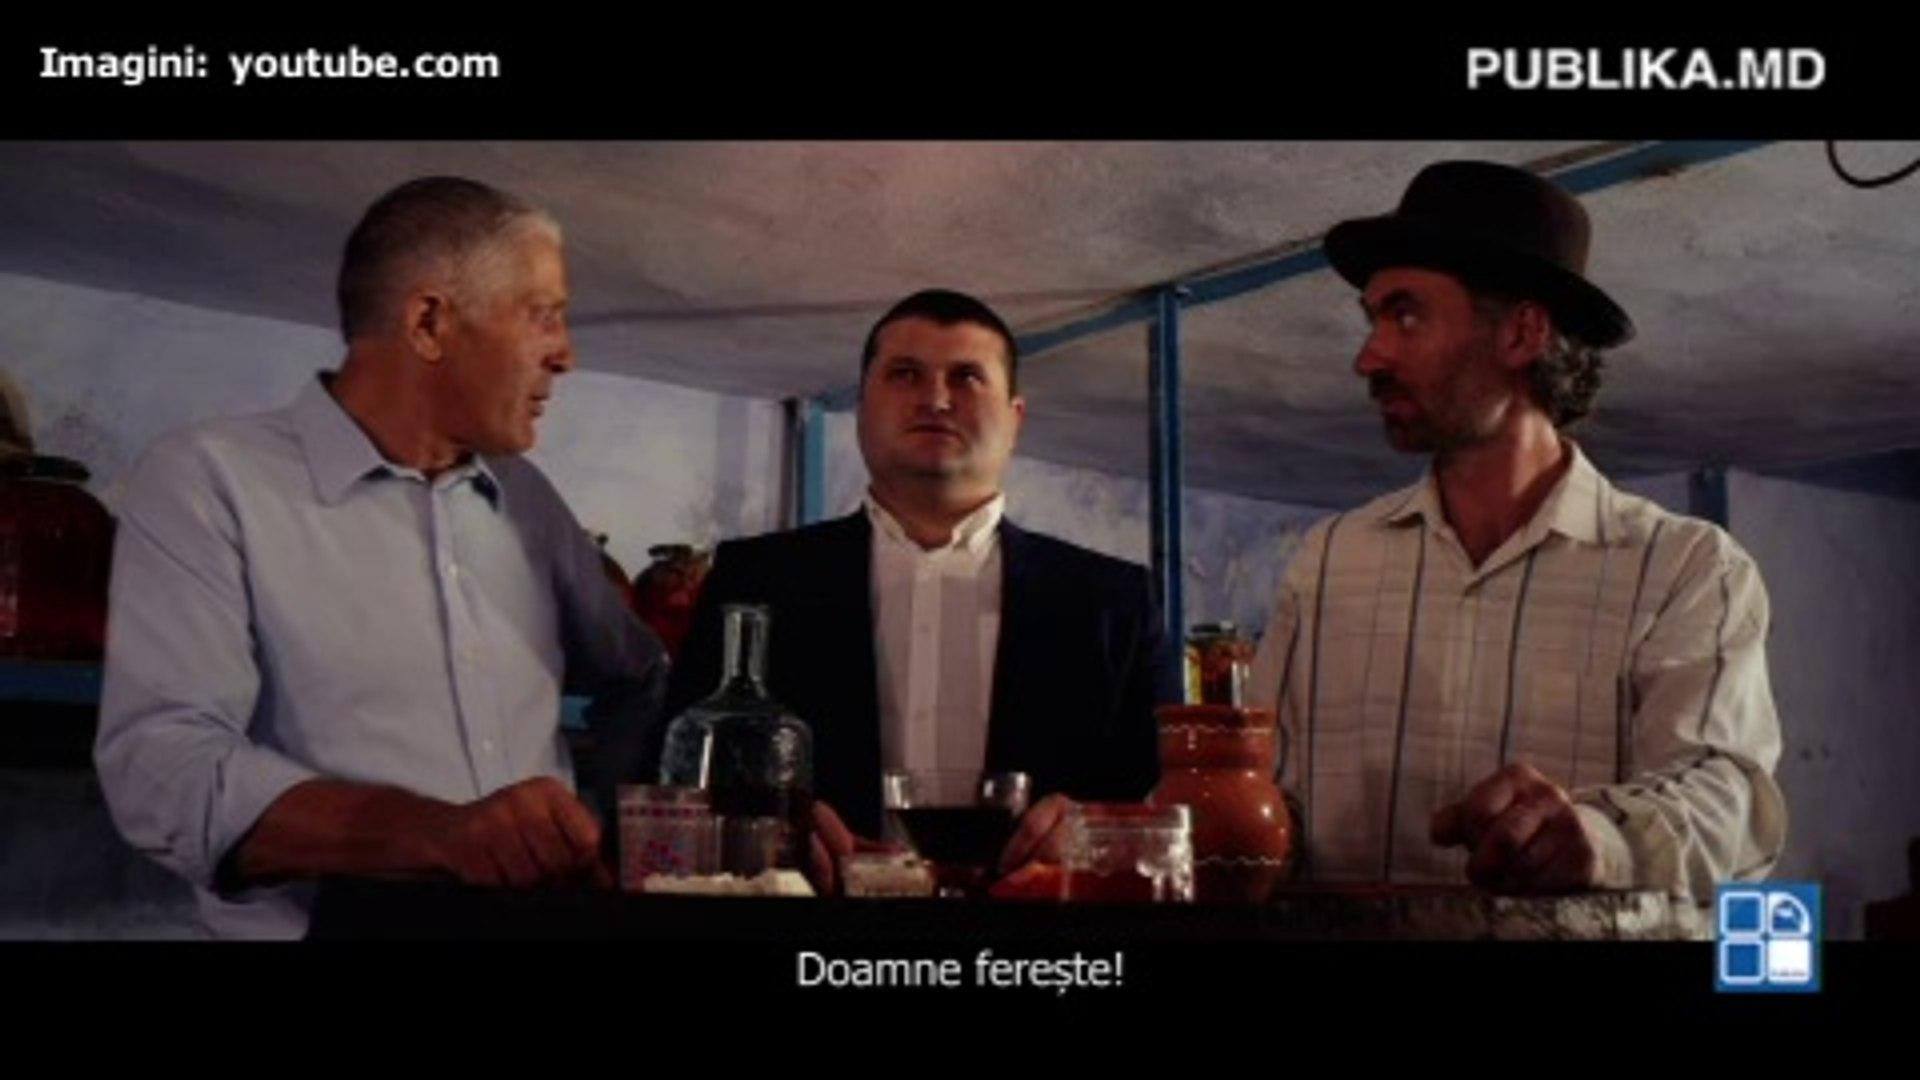 VIDEO ce promovează integrarea europeană pentru găgăuzi. Un viitor normal pentru oameni gospodari și